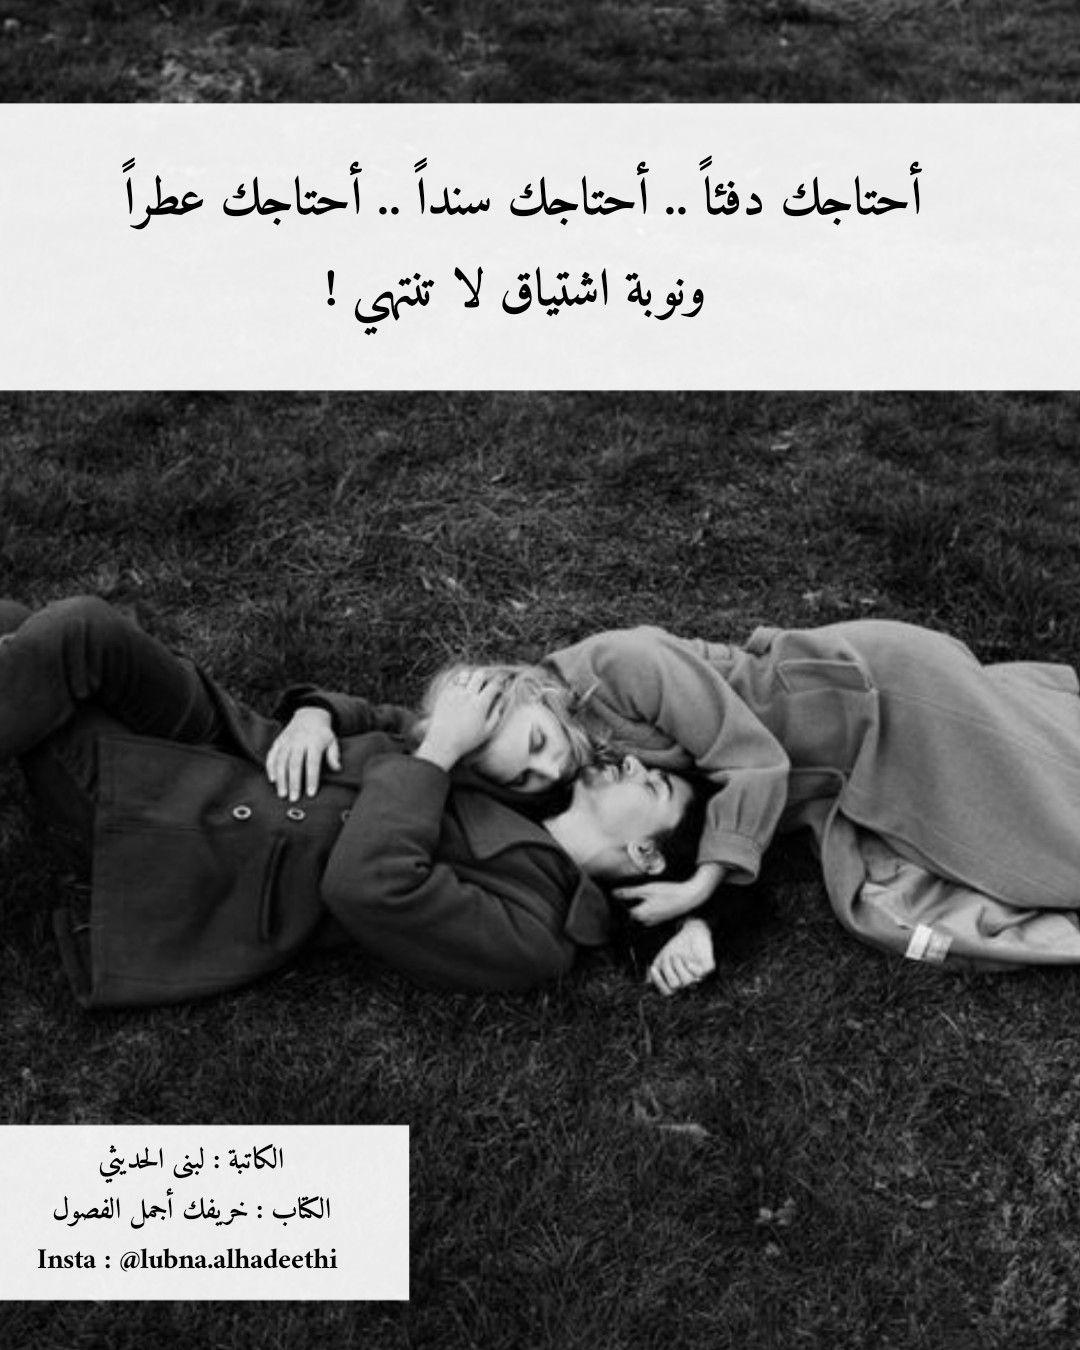 خريفك أجمل الفصول لبنى الحديثي حب اهتمام رومانسية كلمات عشق اهمال أحبك حبيبي اشتياق وفاء خيانة قلب Cute Couple Pictures Love Quotes Cute Couples